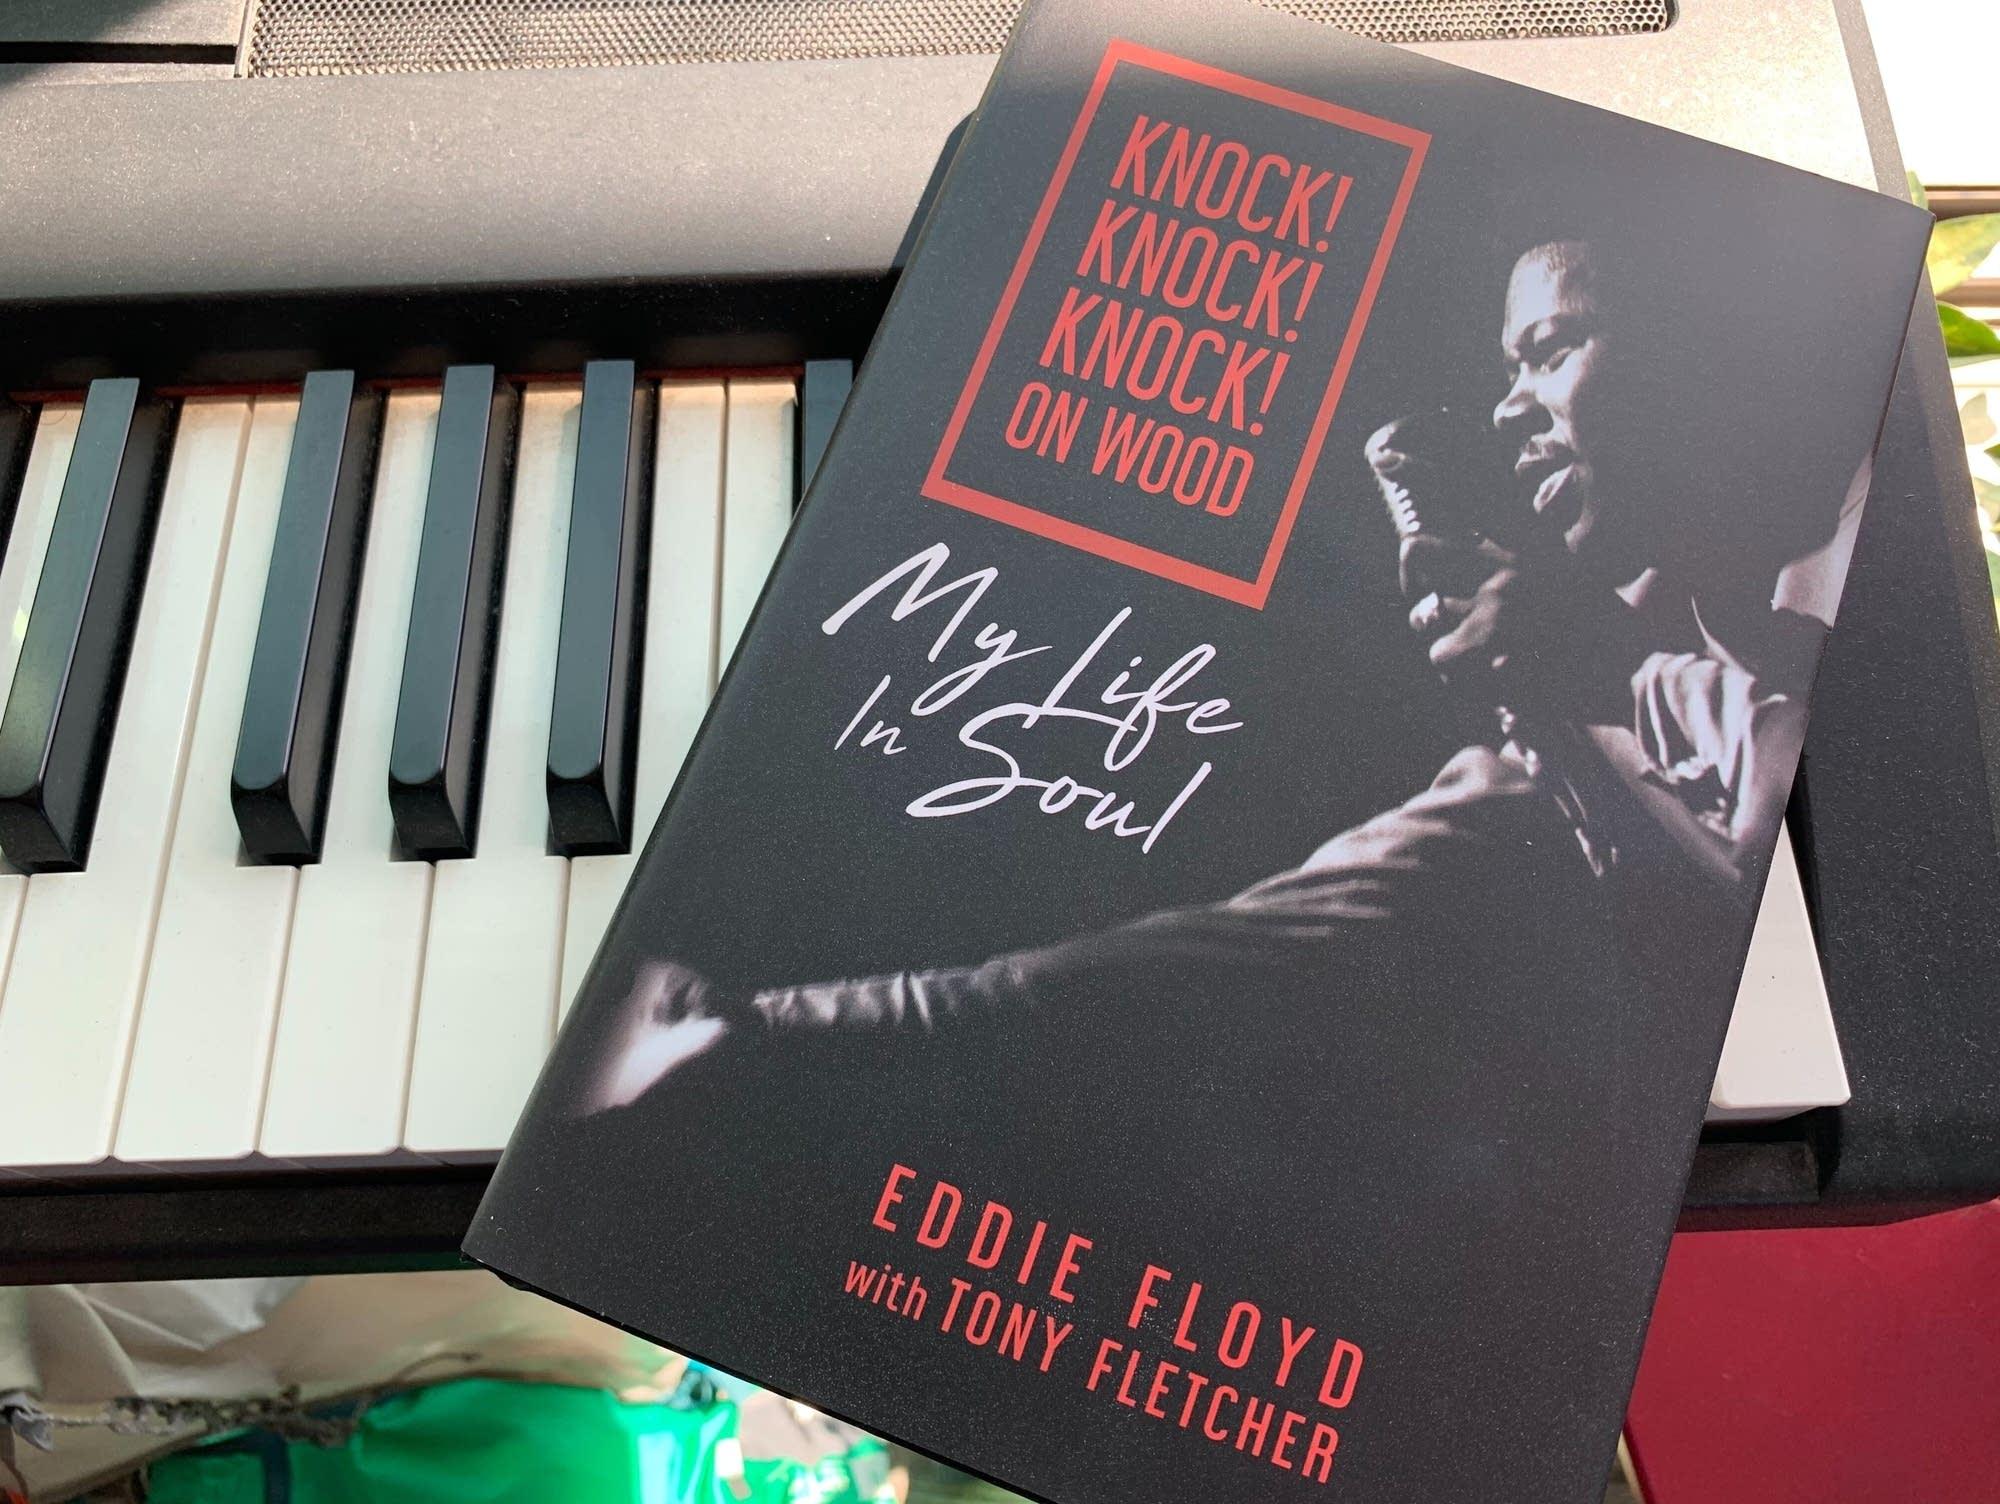 Eddie Floyd's autobiography 'Knock! Knock! Knock! on Wood.'